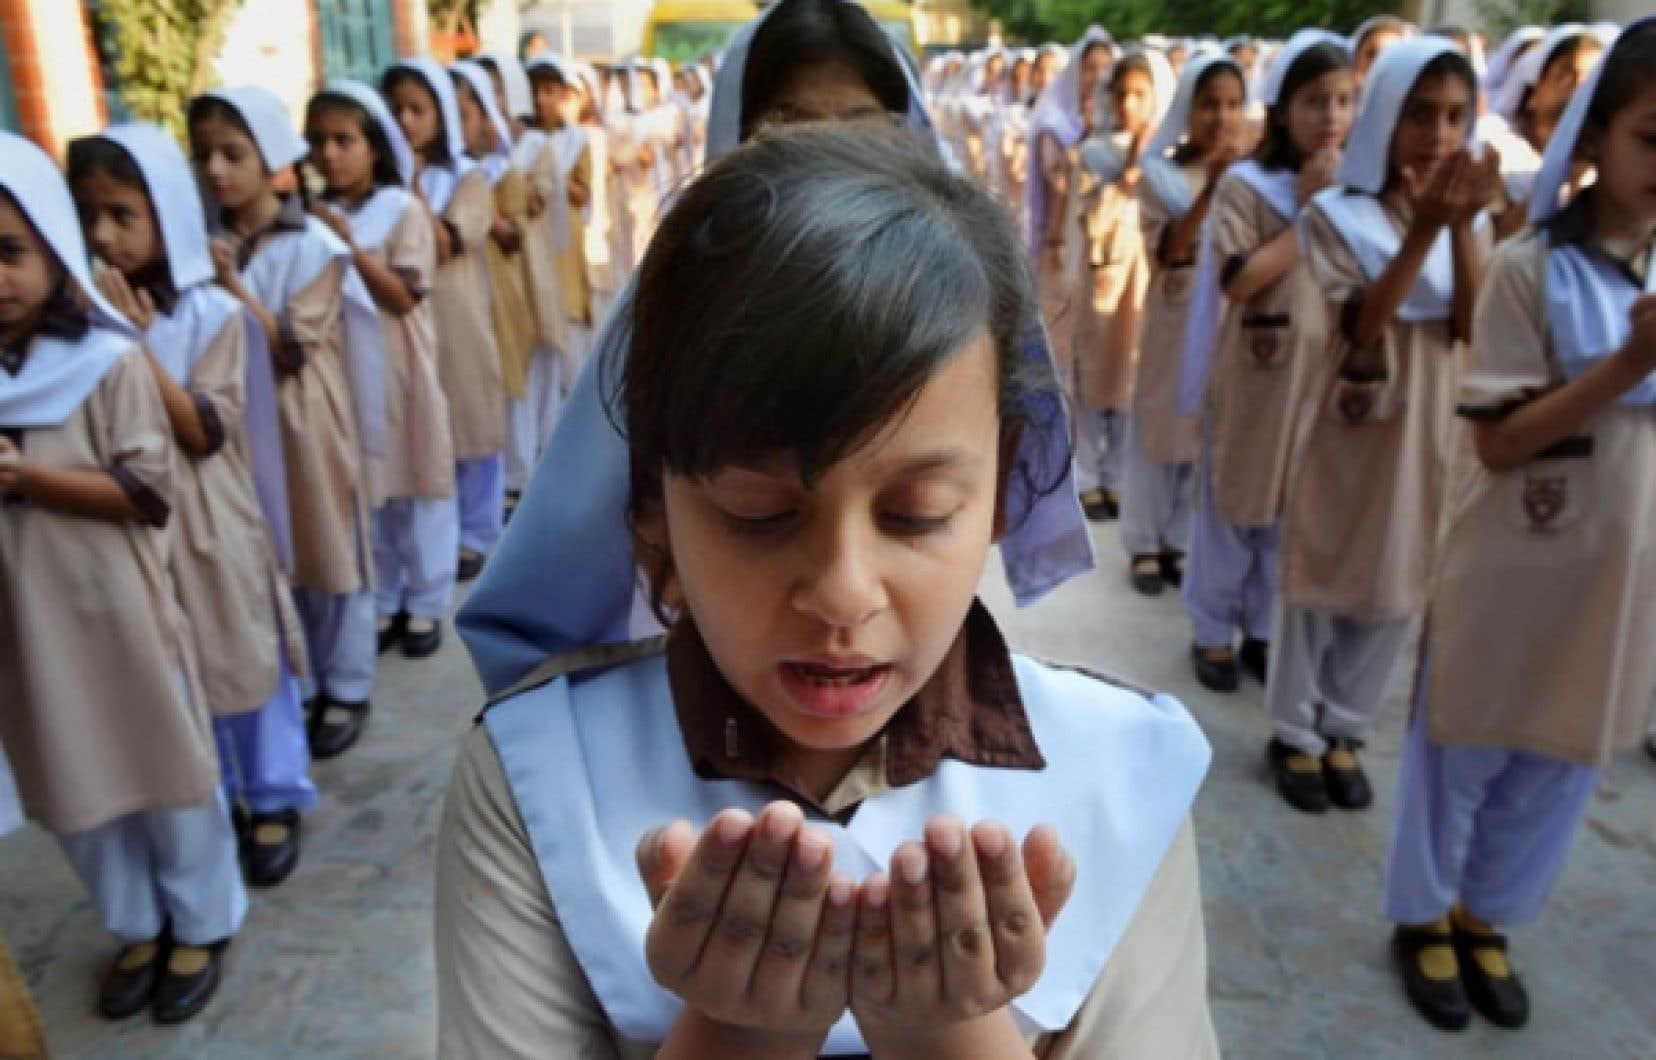 Ces écolières prient pour le rétablissement de Malala Yousafsai, qui a reçu une balle à la tête des mains des talibans locaux.